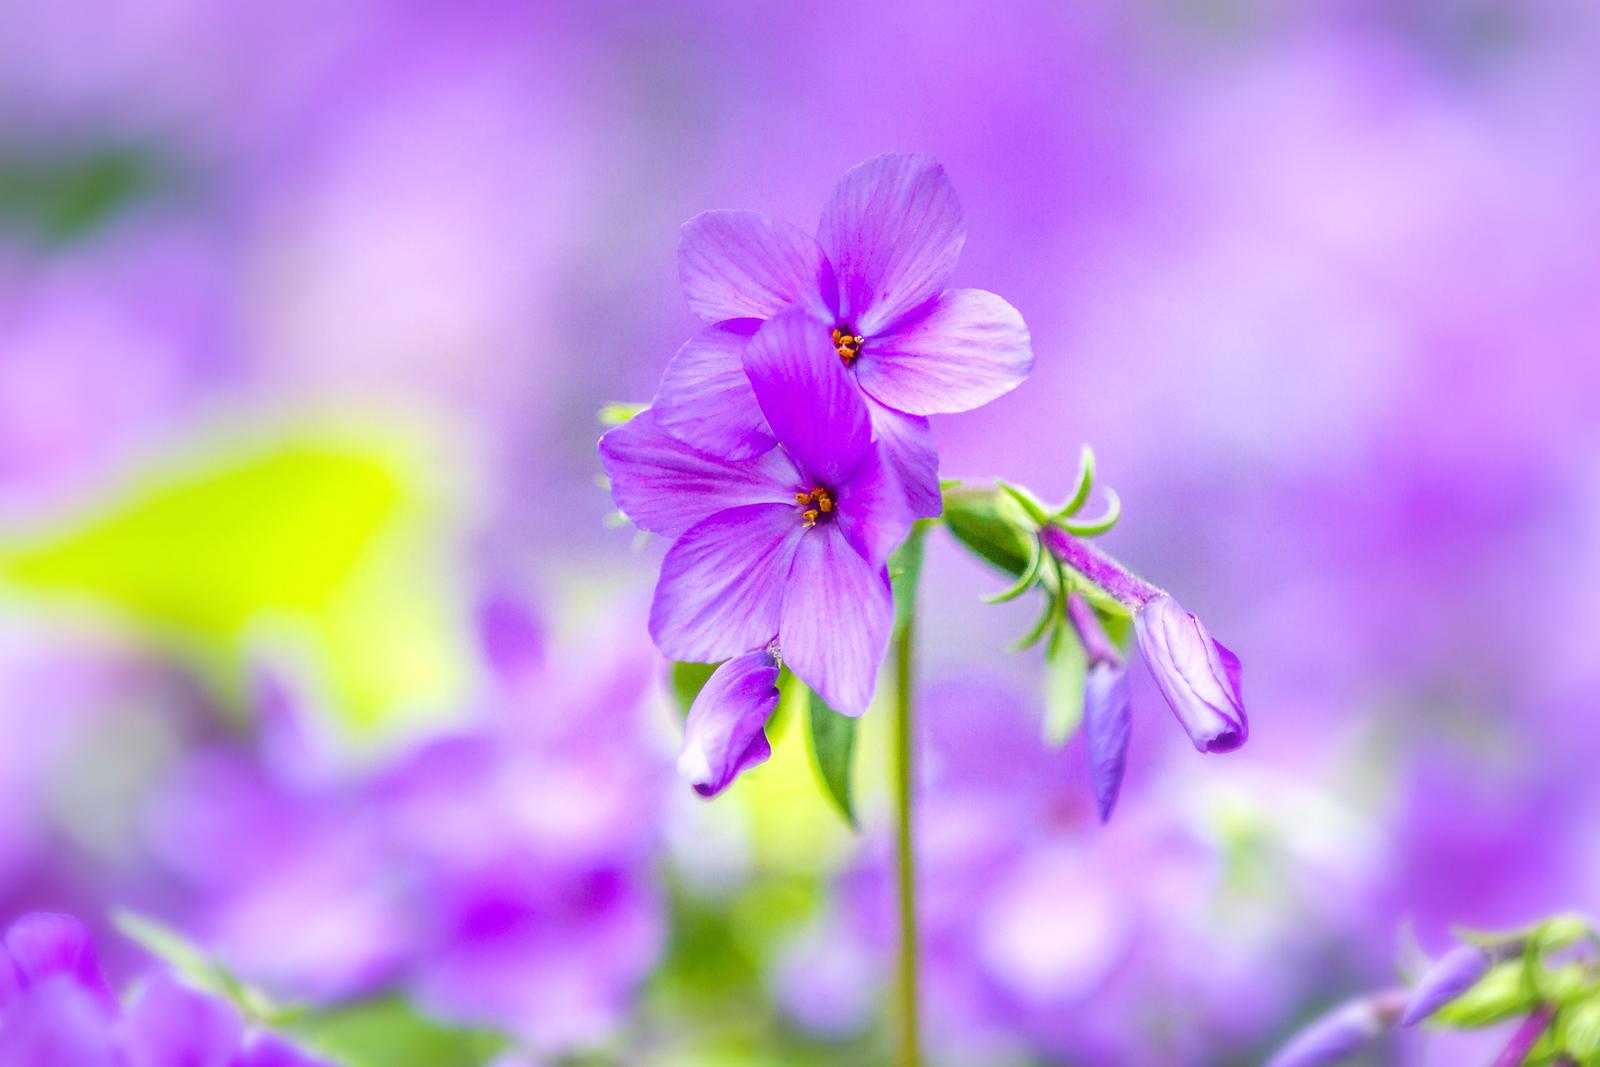 奼紫嫣紅的花兒